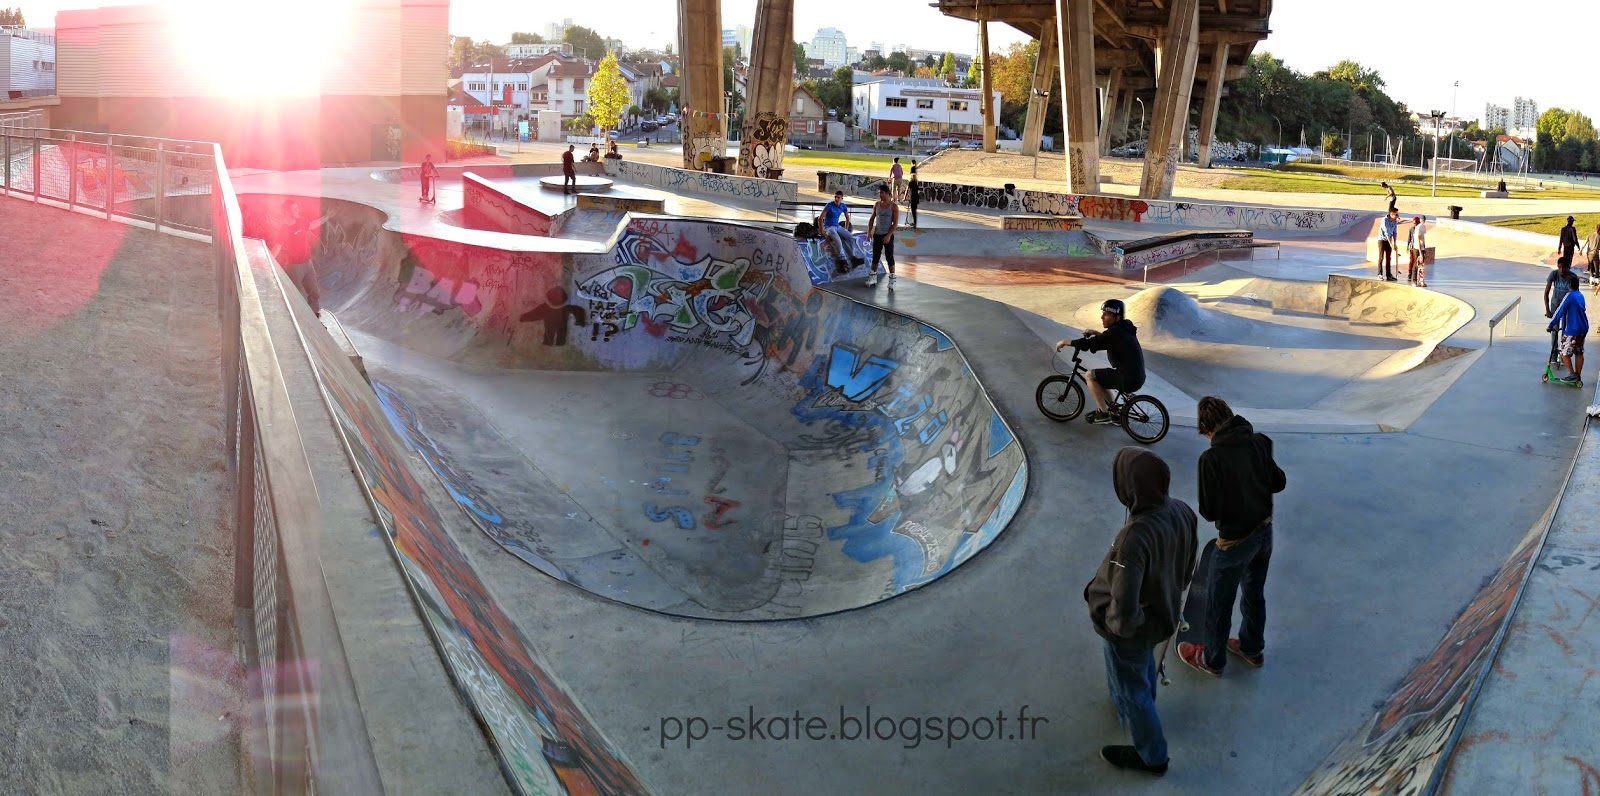 Skate park Arcueil Cachan